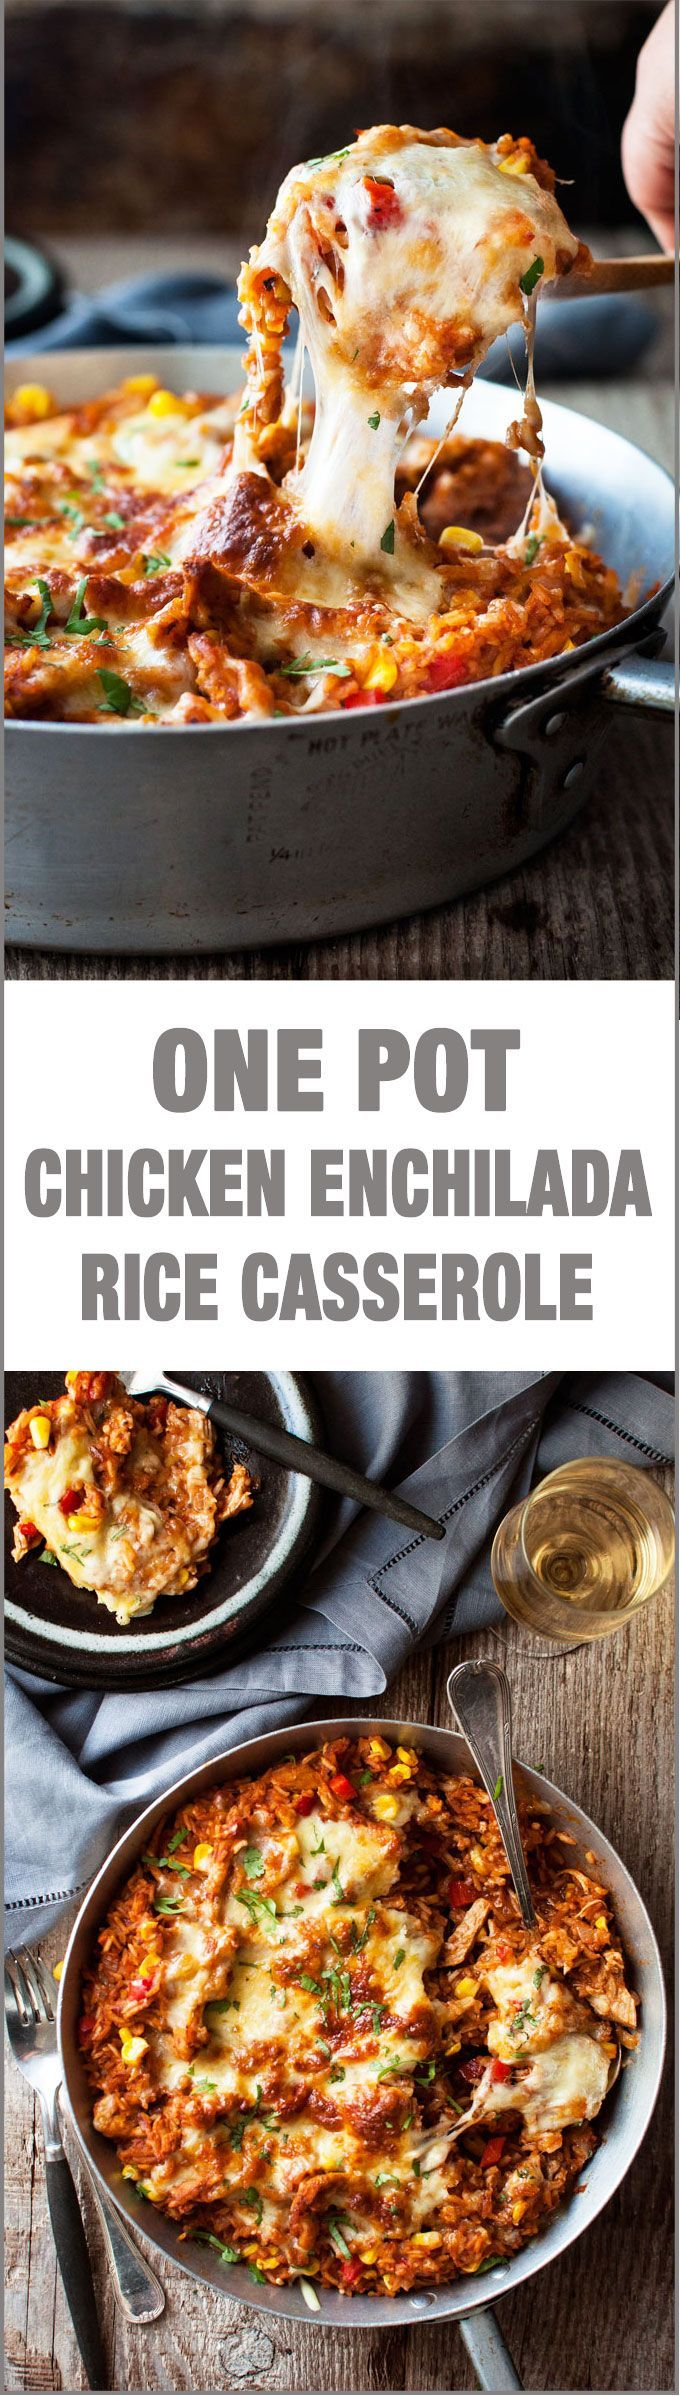 One Pot Chicken Enchilada Rice Casserole